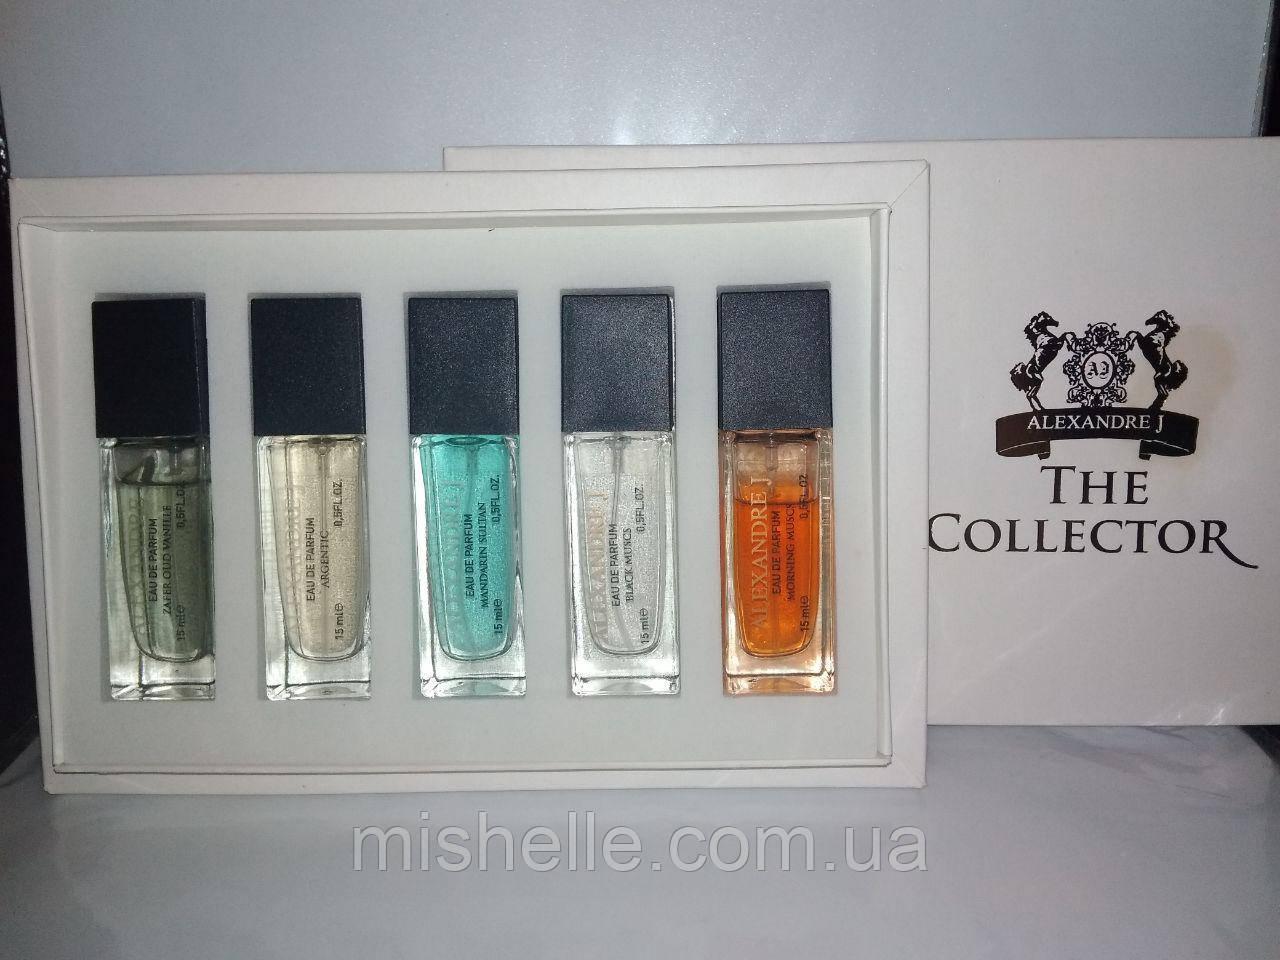 Набор мини-парфюмов Alexandre.J The Collector 5 по 15мл